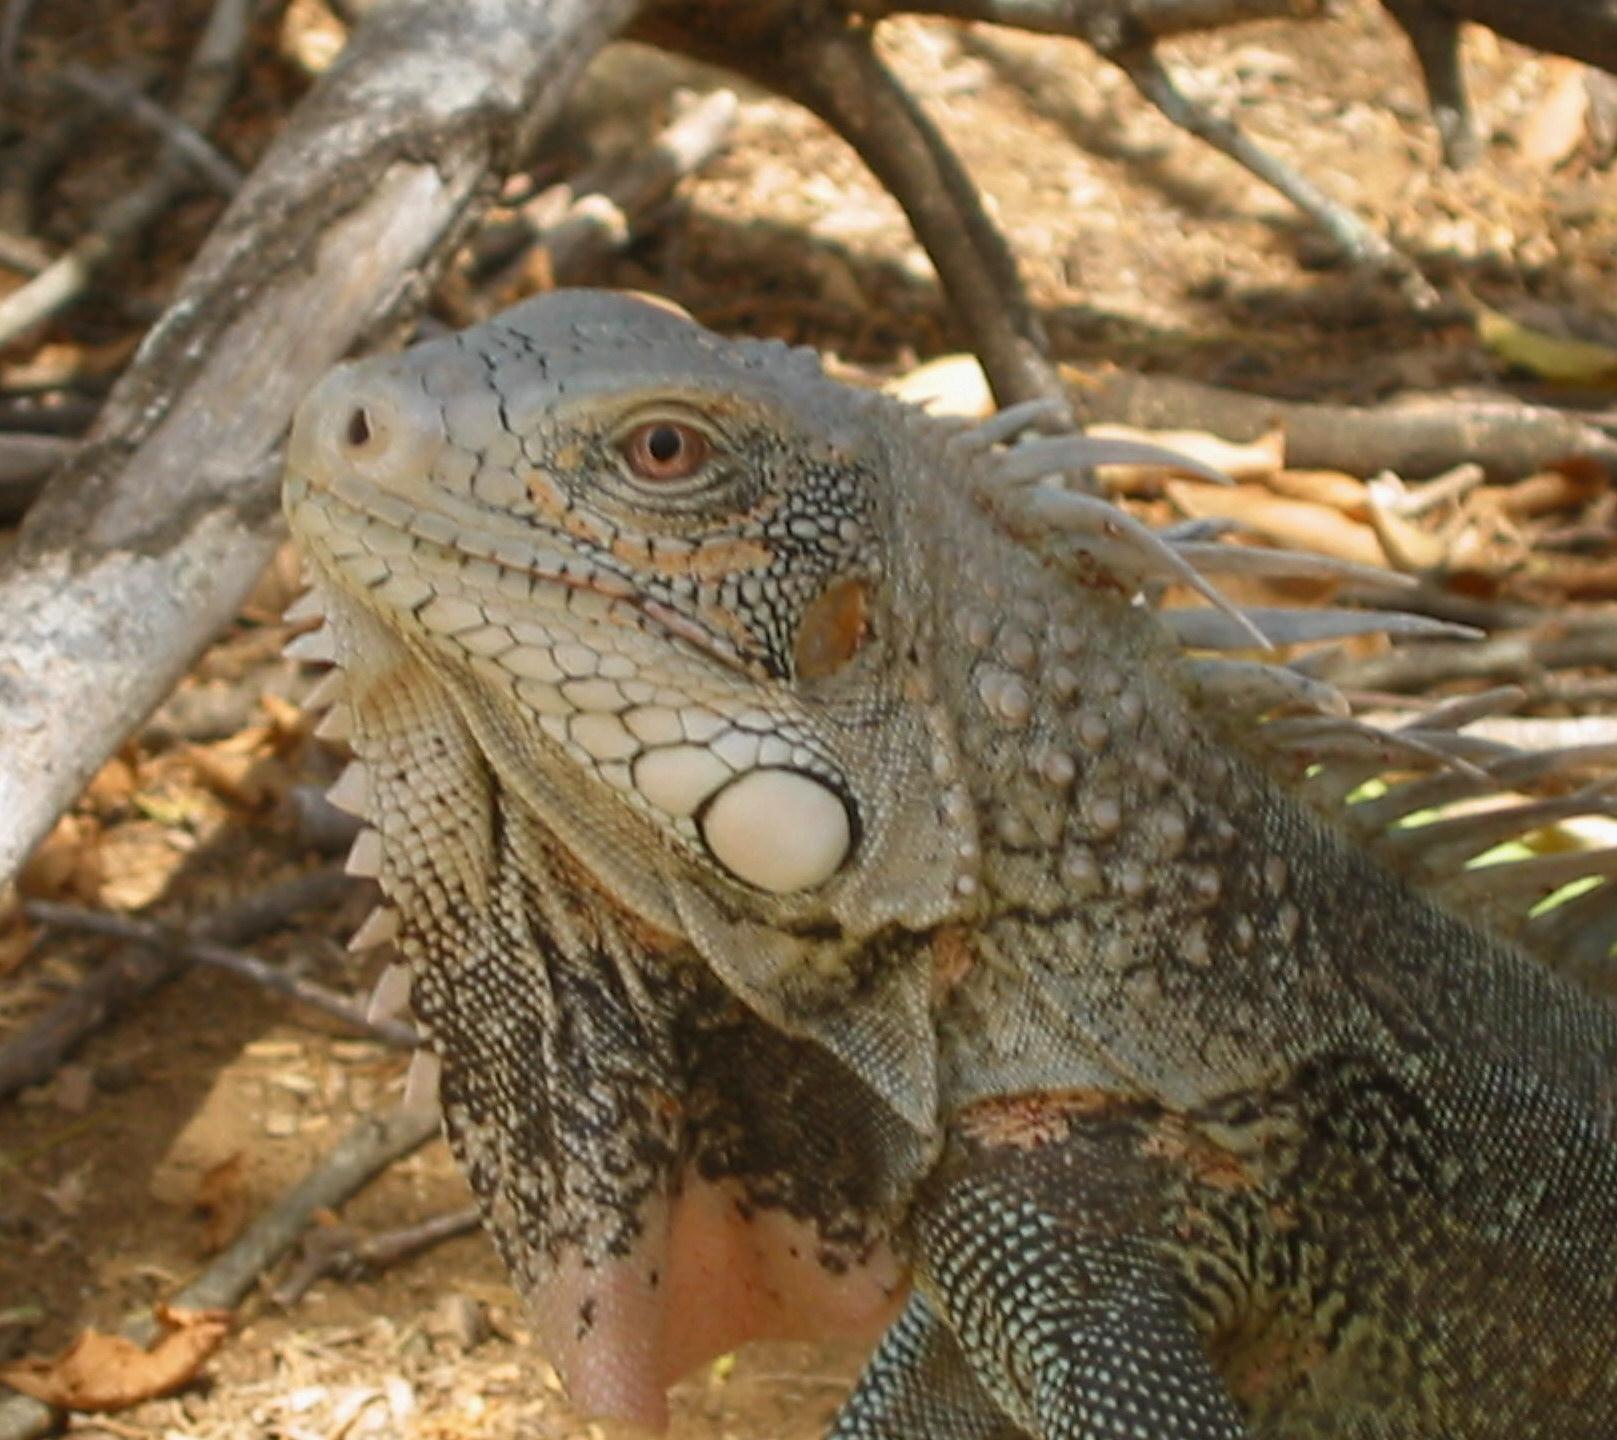 Up close iguana - yikes!